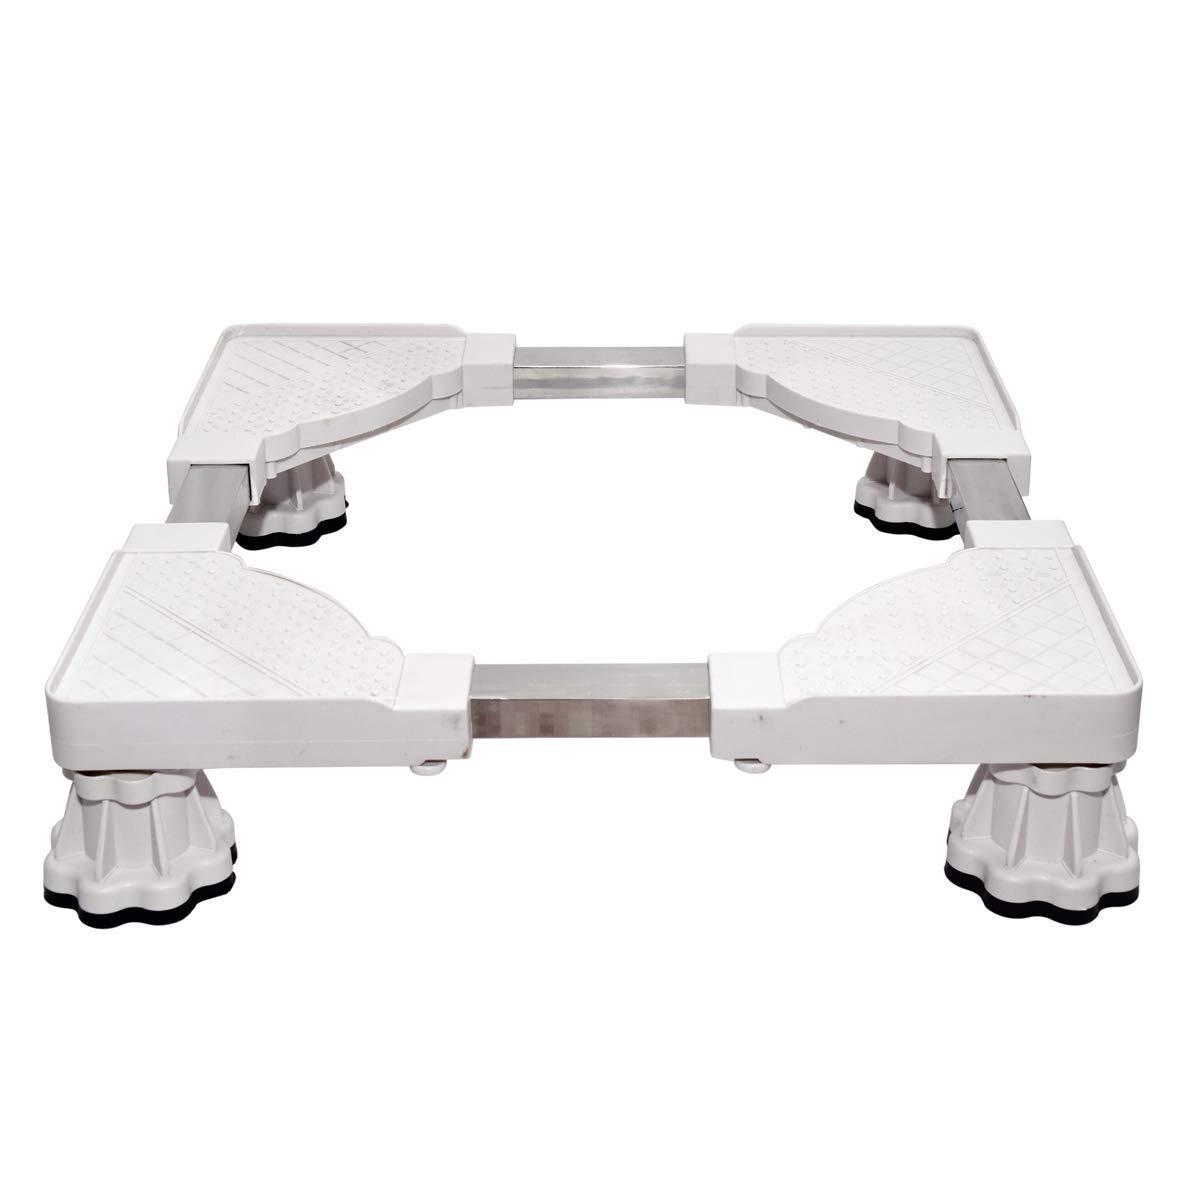 Inllex Adjustable Refrigerator Undercarriage Bracket Stand with Wheels